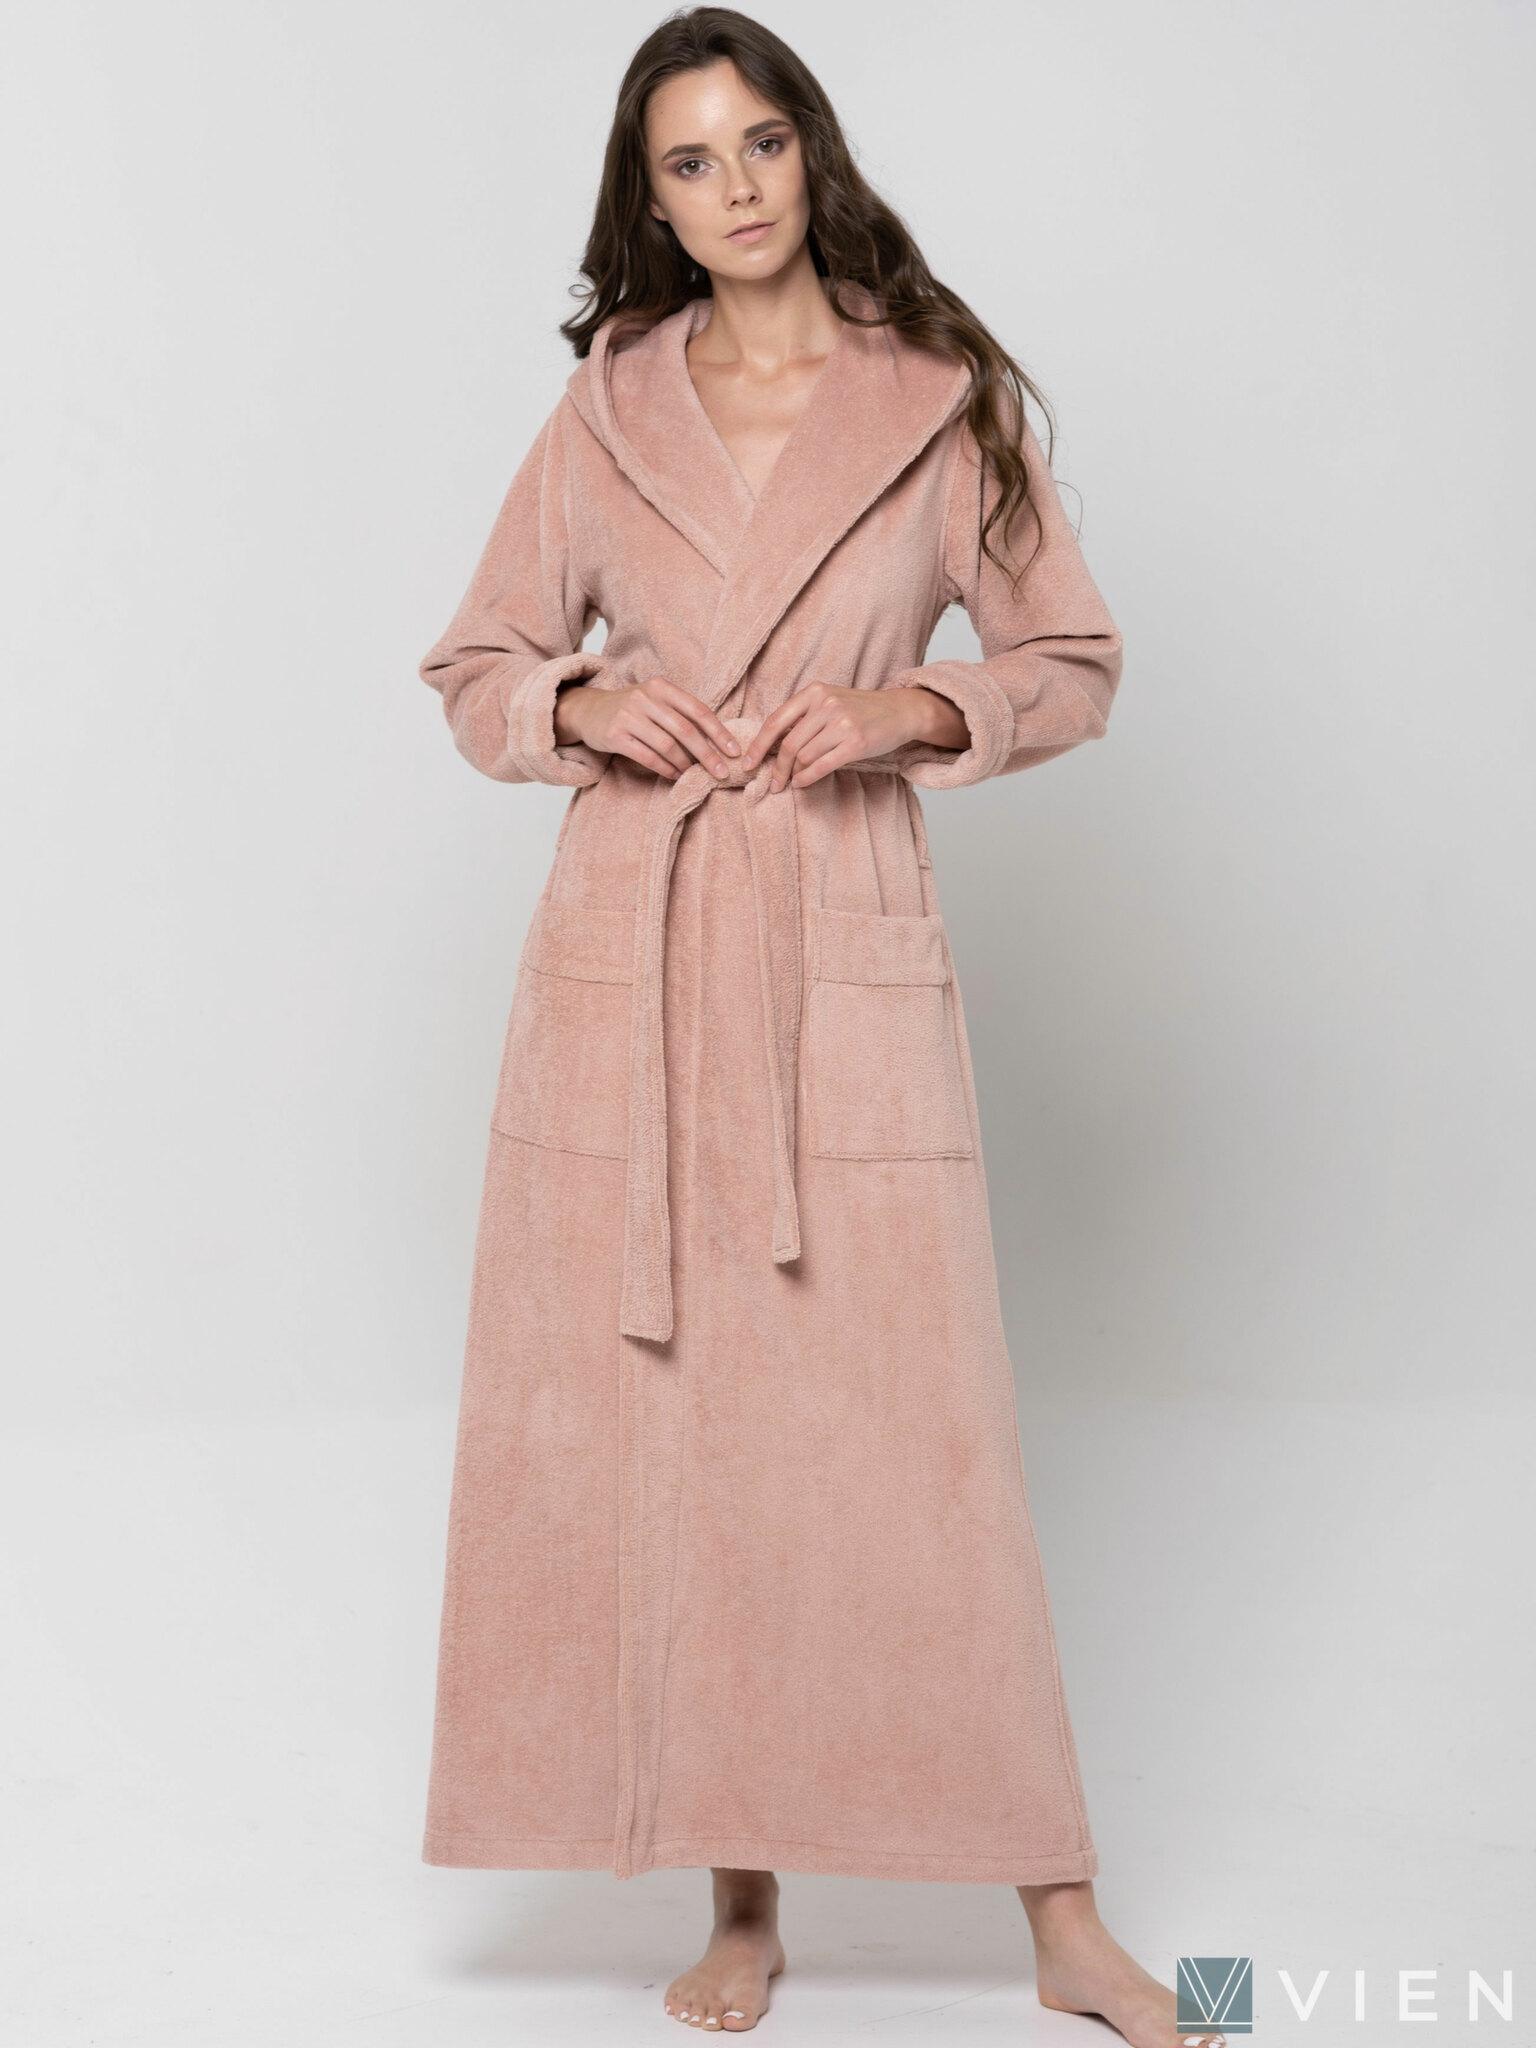 Женский длинный халат с капюшоном 696 Lady пудра Wien